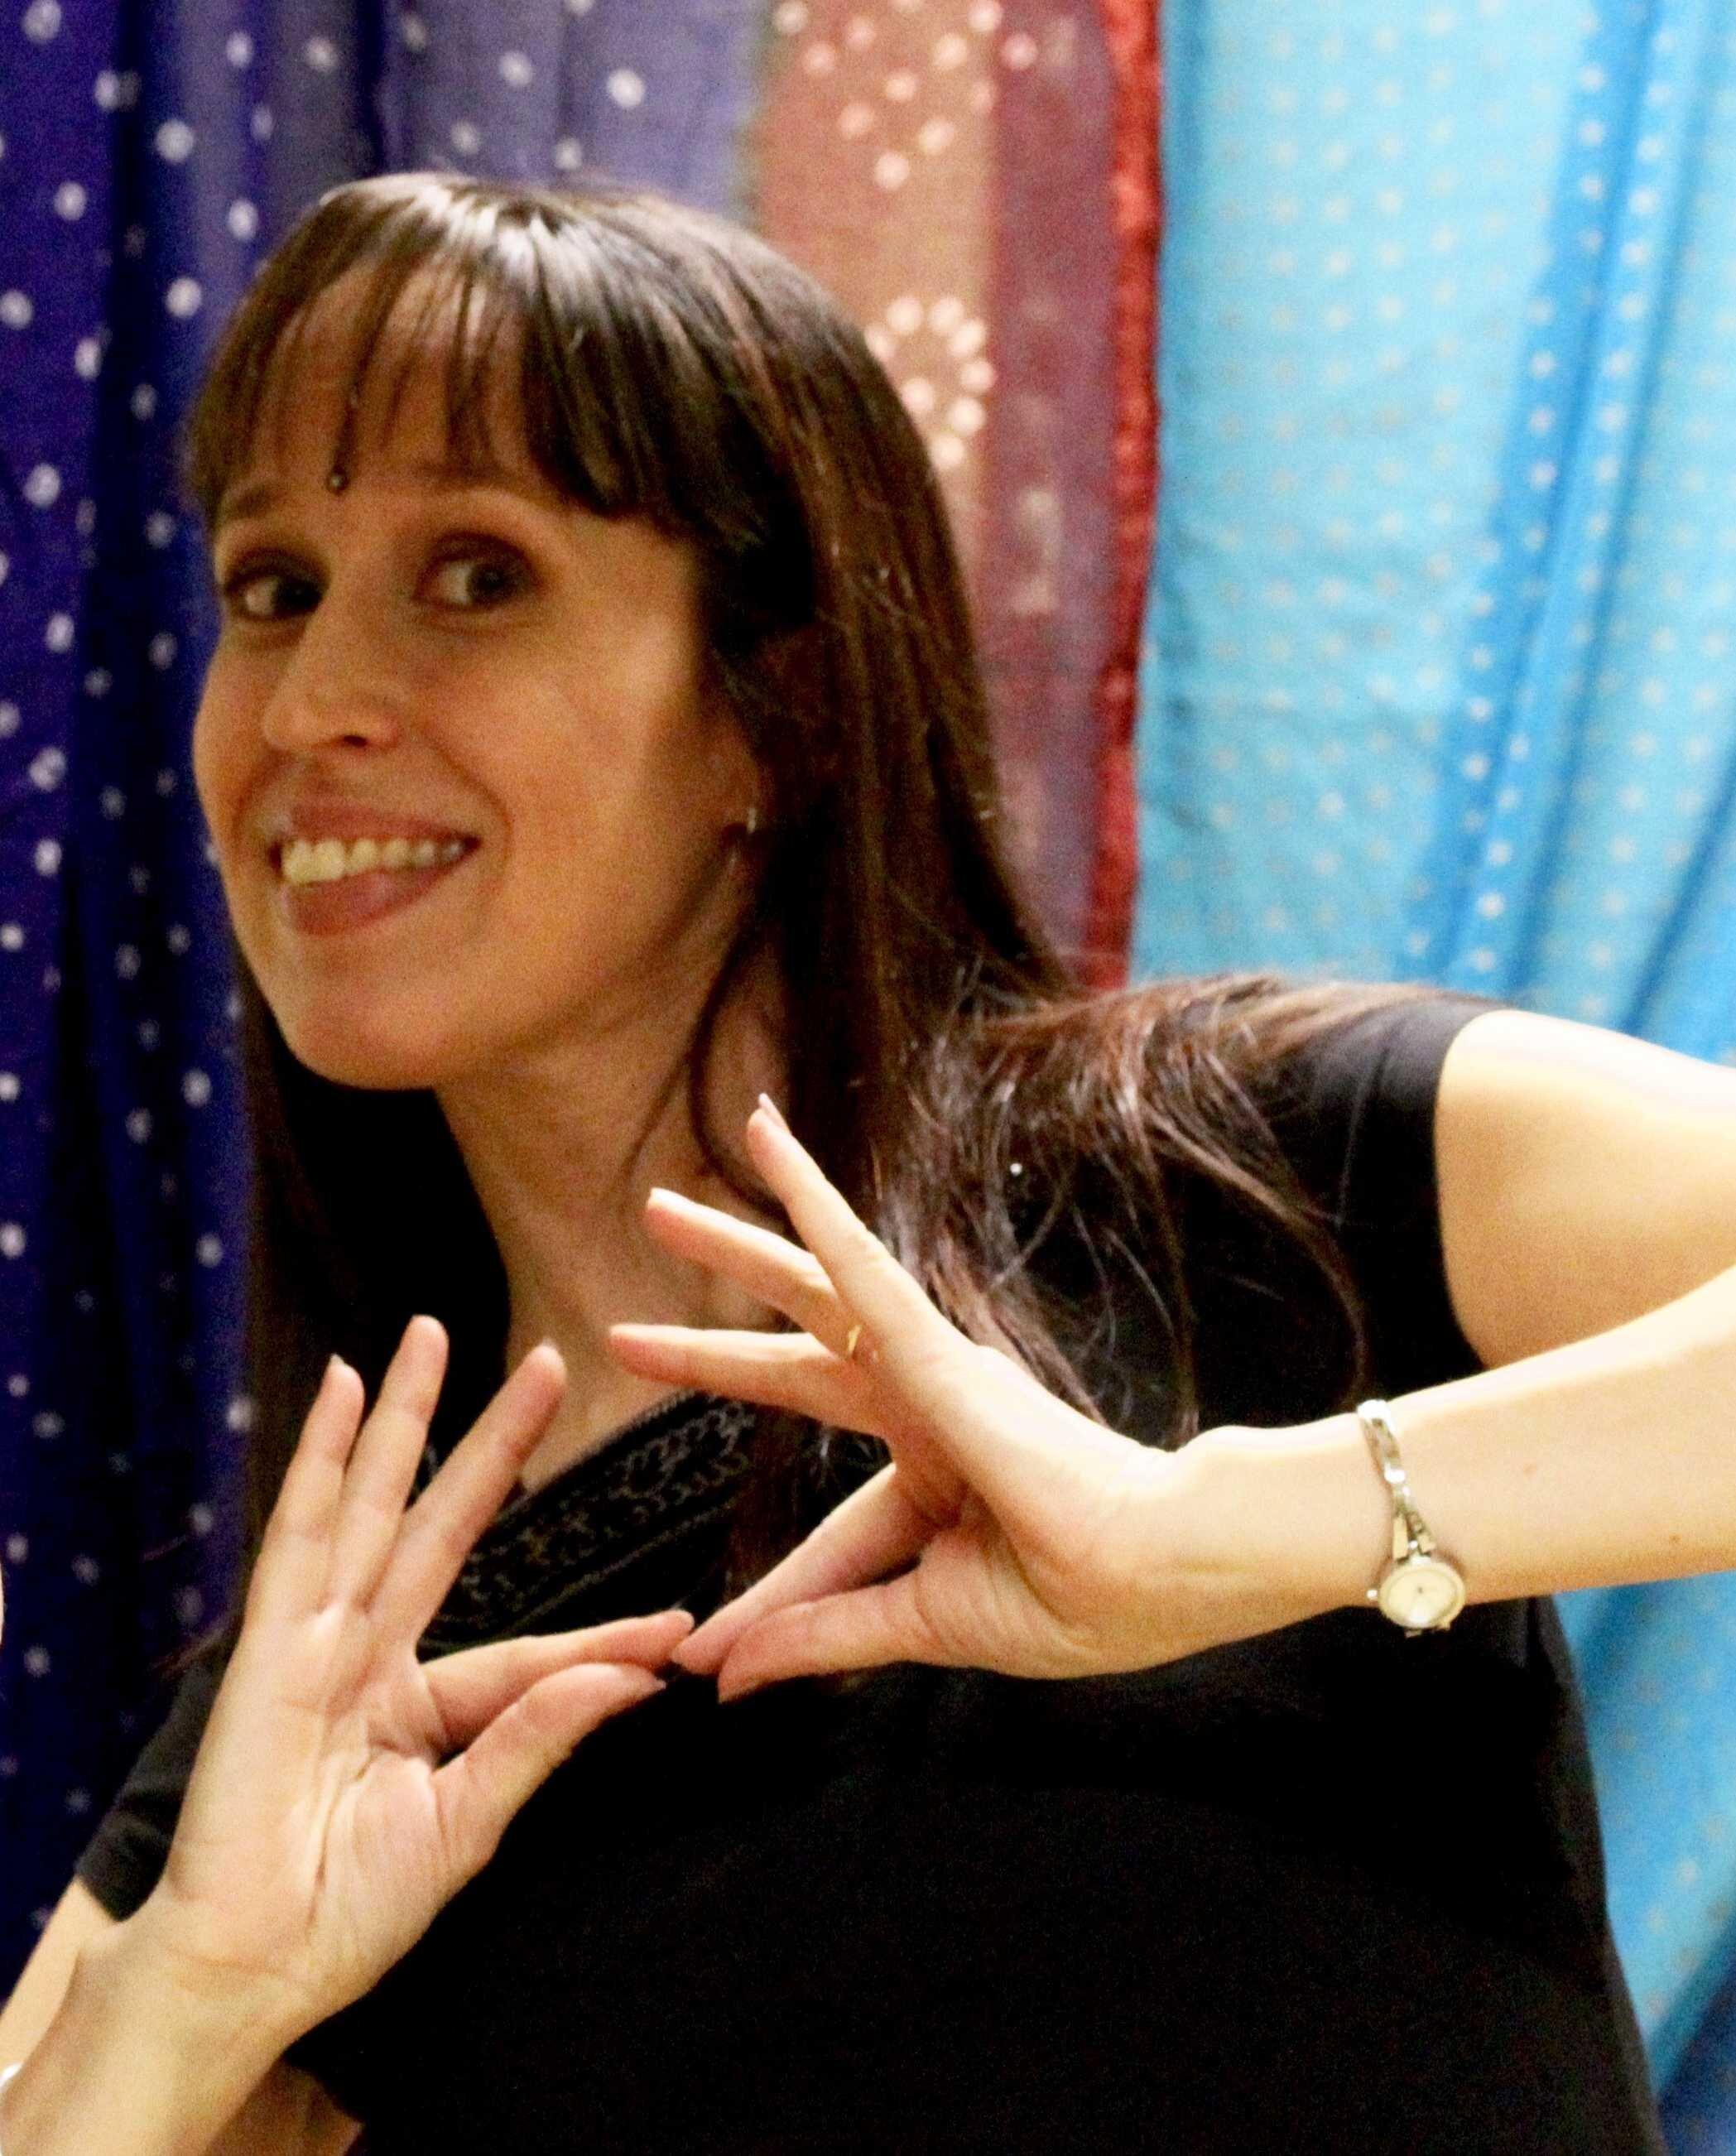 """Kati Mikkonen - Hei! Olen Kati, innokas tanssiharrastaja, perheenäiti ja tuotekehitysinsinööri. Pidän itseäni aika nuorekkaana nelikymppisenä, ja innostun helposti kaikista hauskoista asioista. Mottoni on: """"Kaikkea pitää kokeilla, paitsi kansantanhuja"""". No, niitäkin on tullut kokeiltua, joten se siitä.En ole koskaan ollut mikään tavoitteellinen himourheilija. Mielestäni kaiken tekemisen ja harrastamisen pitää olla hauskaa, ja juuri siksi tanssi sopii minulle kuin nenä päähän. Tanssiessa sitä vain antautuu musiikin ja liikkeen vietäväksi. Kuntoilu ja hiki tulevat siinä sivussa, vähän niin kuin huomaamatta!"""